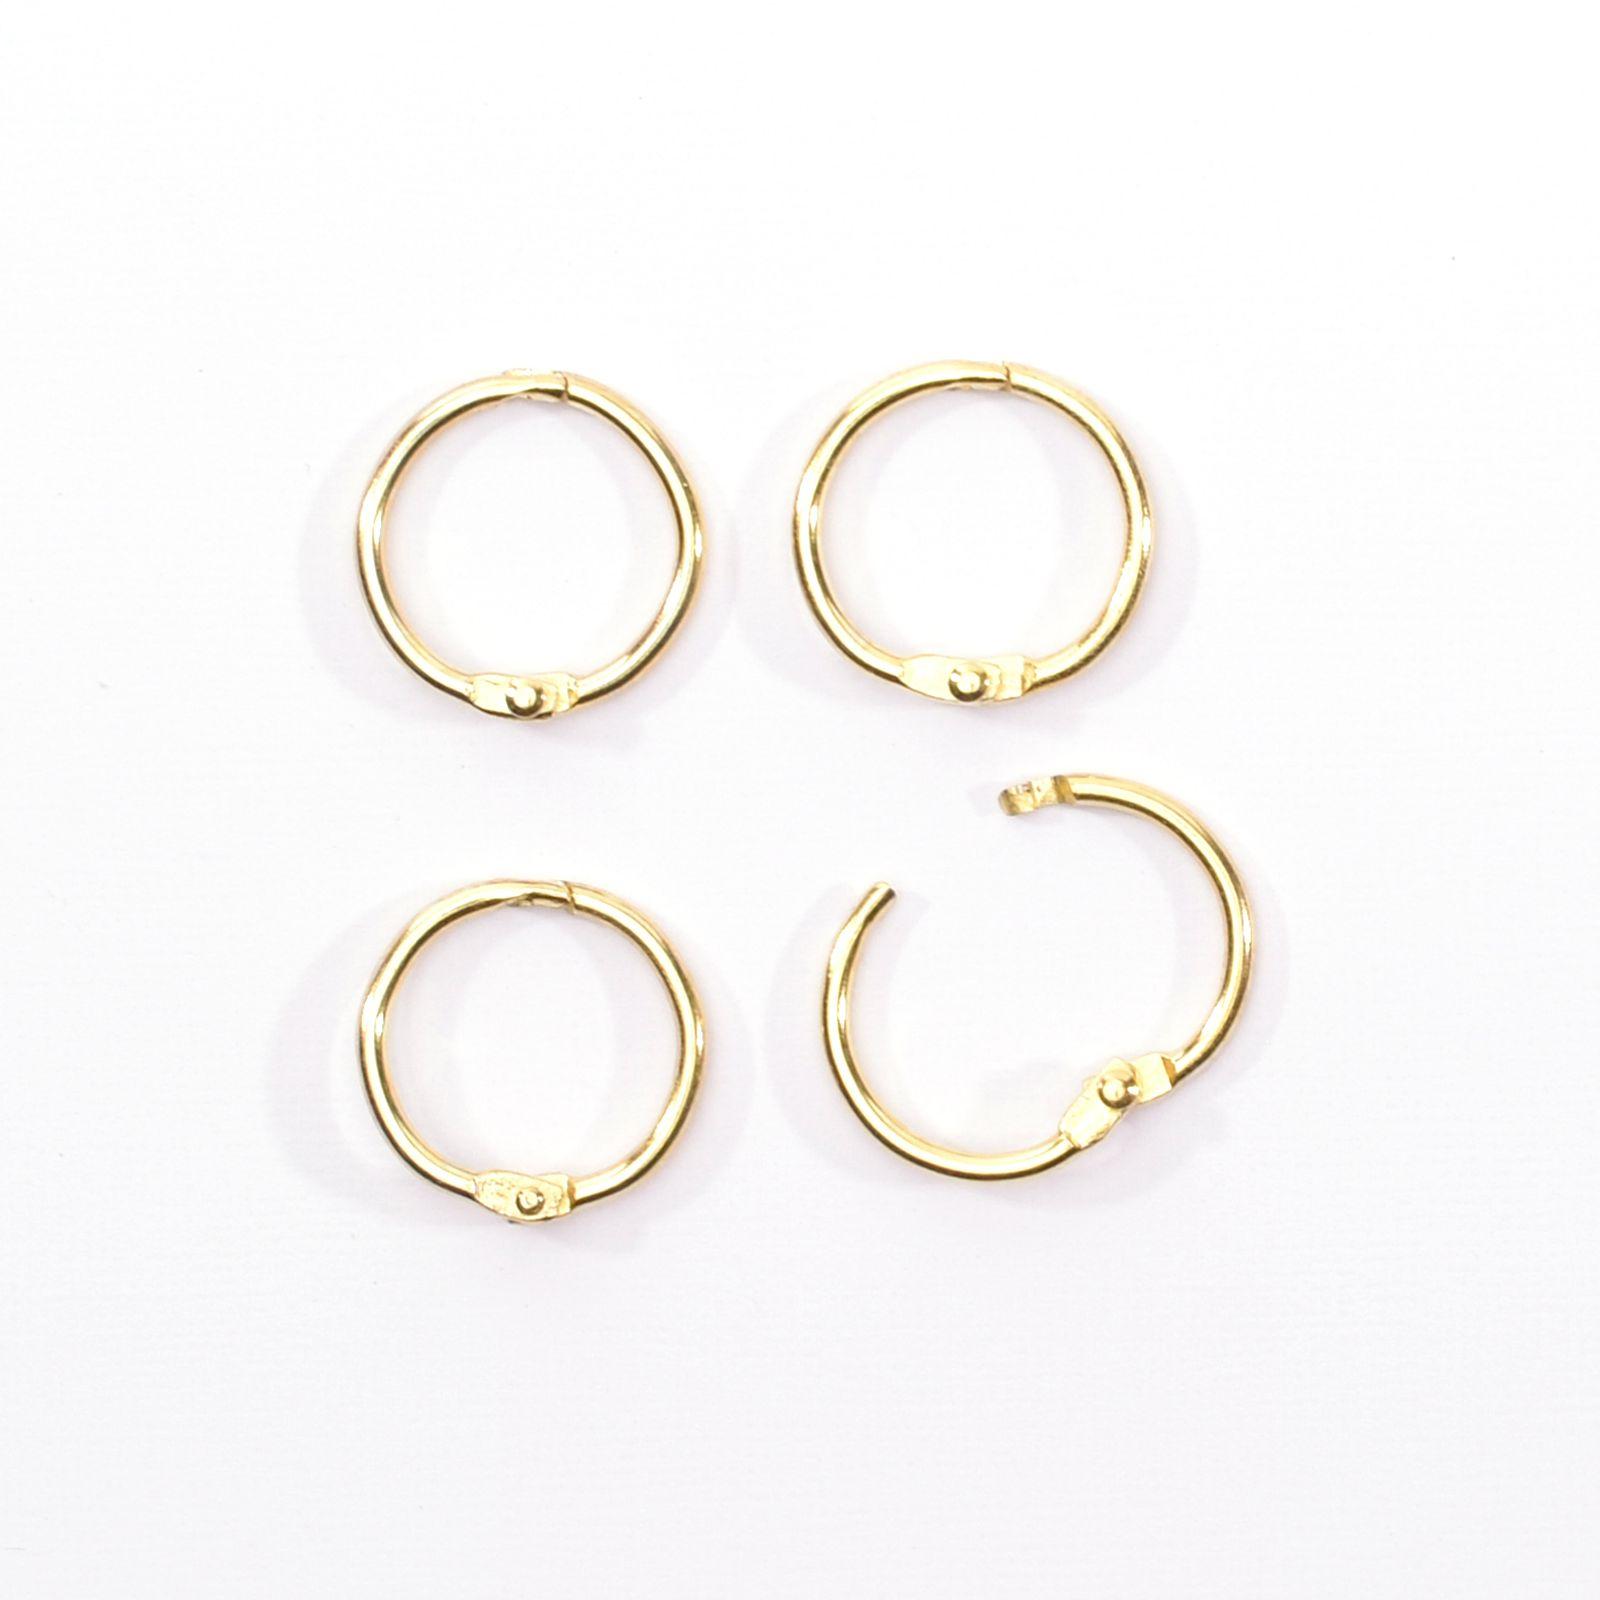 Lot de 4 anneaux de reliure - coloris or - diamètre 20 mms